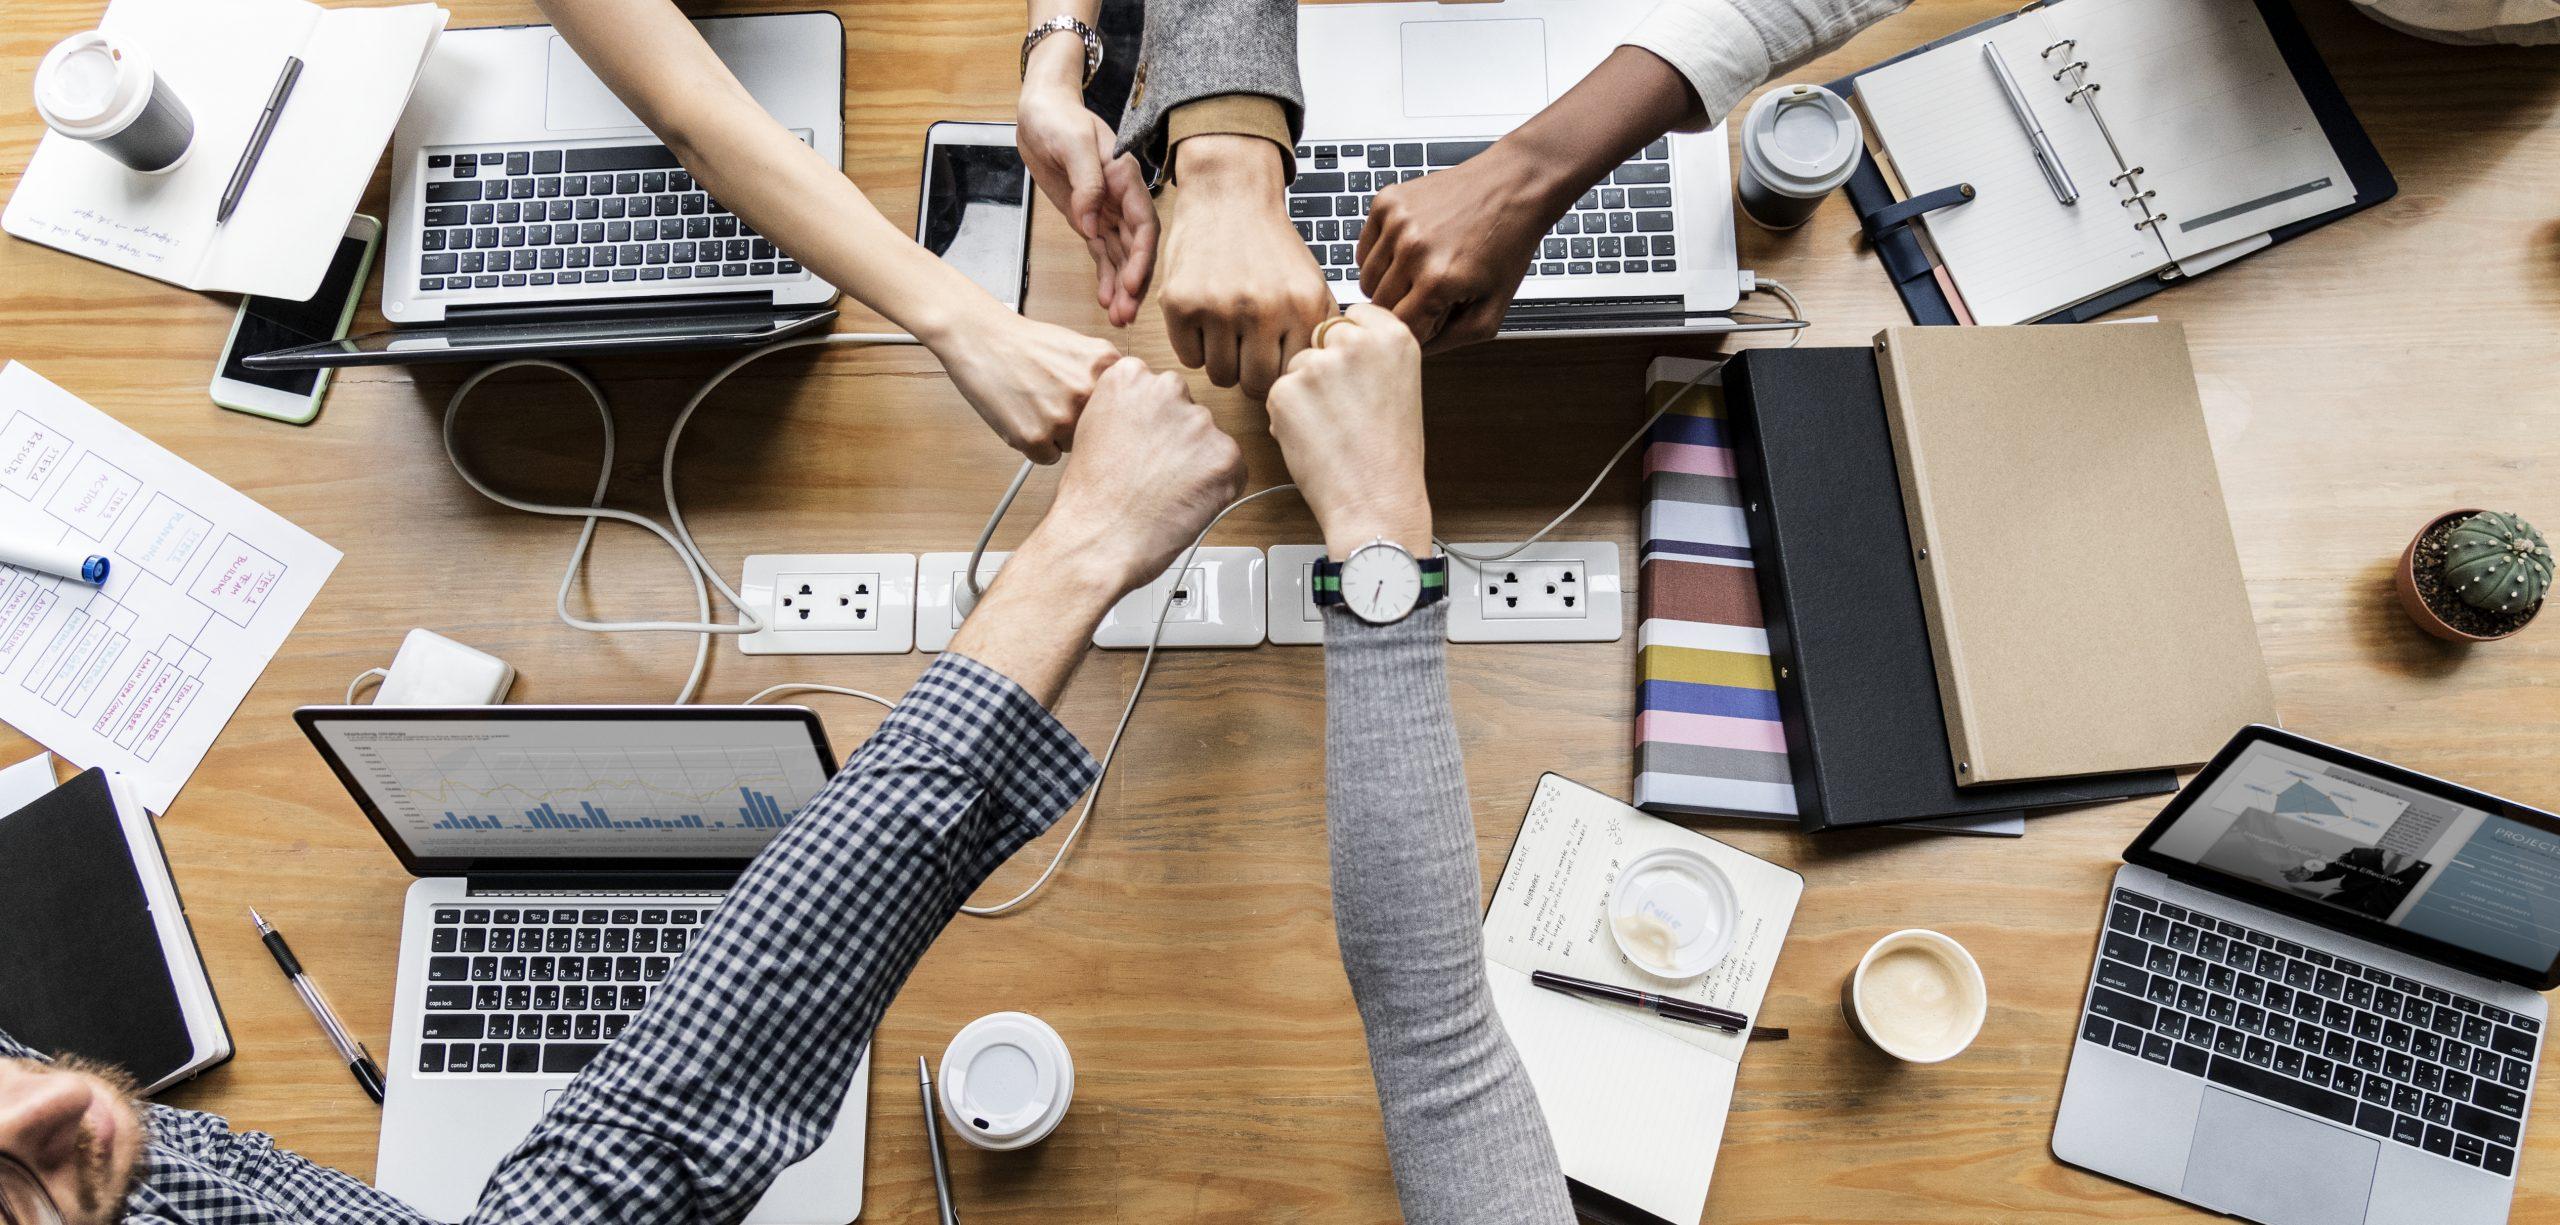 comment changer la culture organisationnelle d'une entreprise